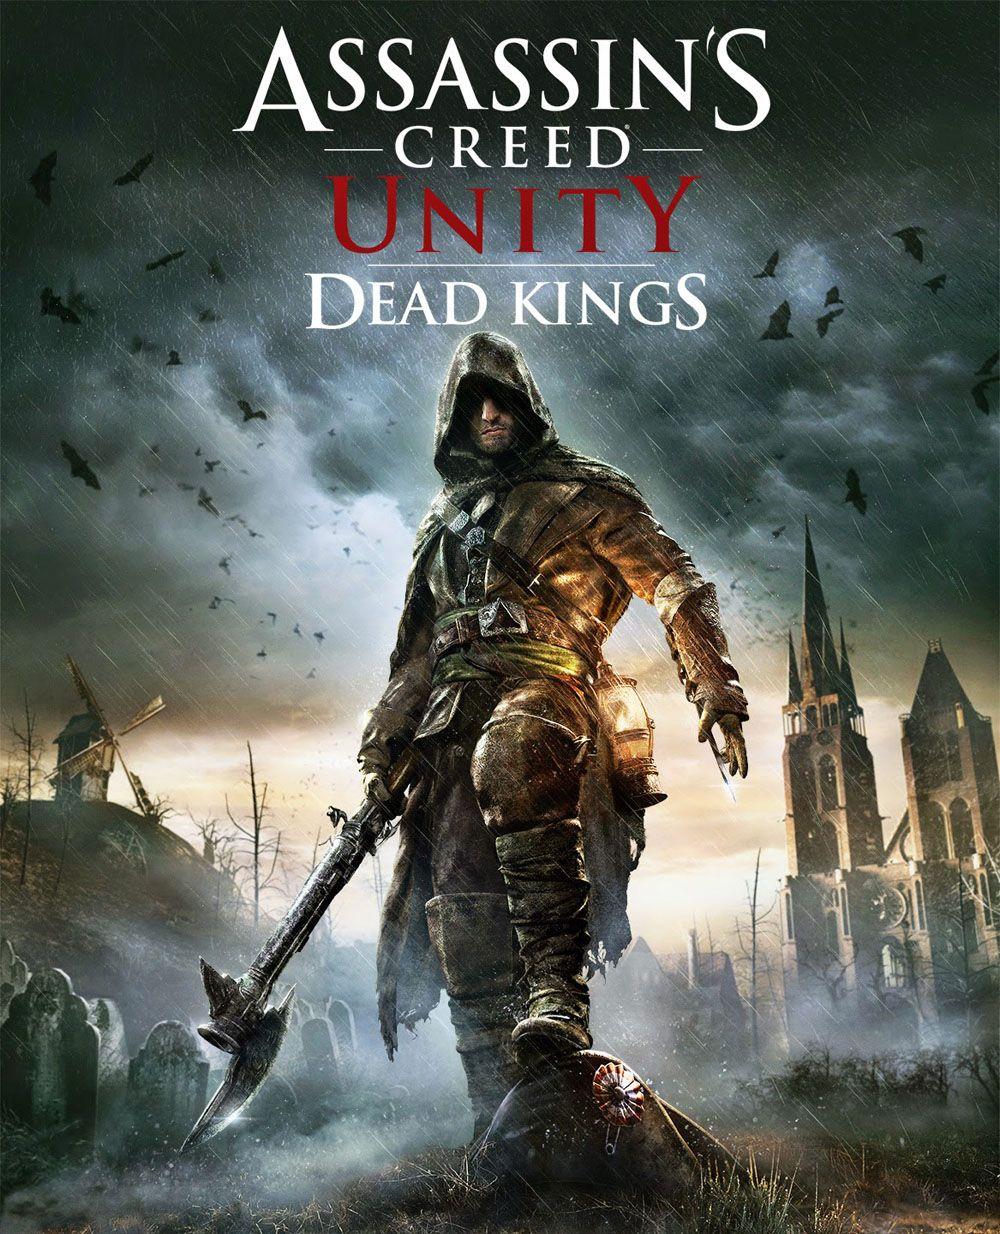 Assassin S Creed 2016 Assassins Creed Assassin S Creed Unity